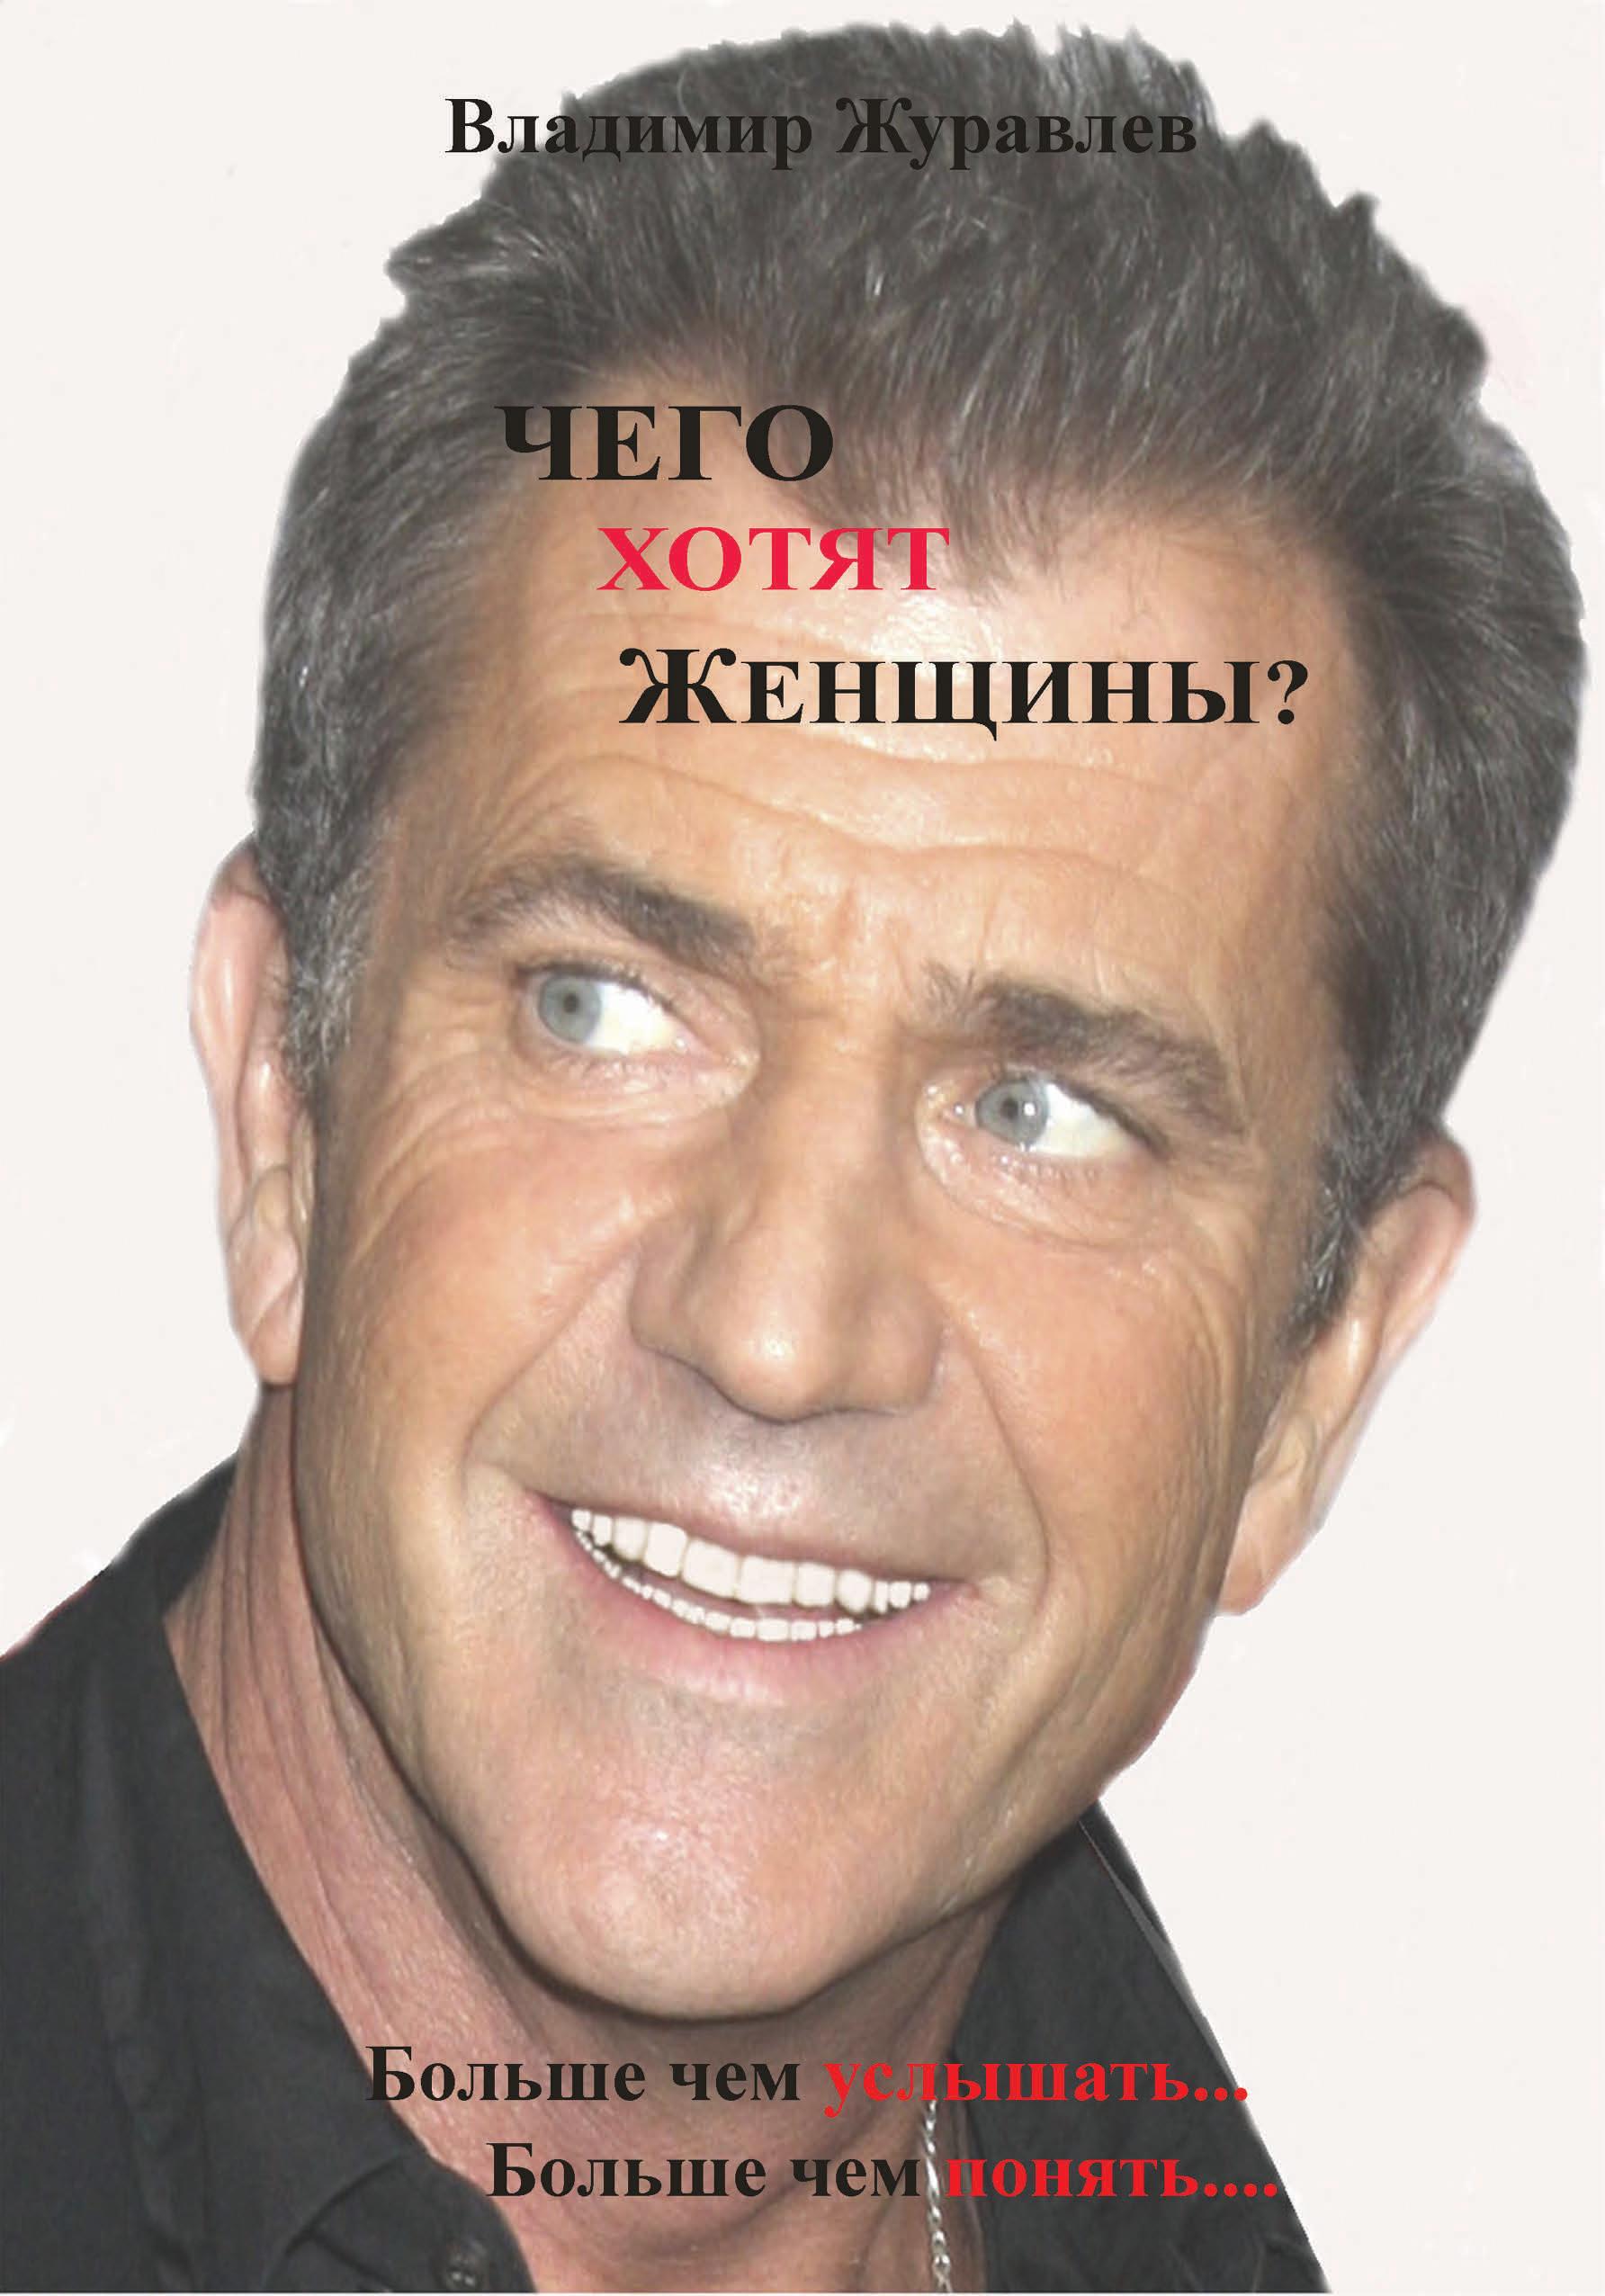 Владимир Журавлев Чего хотят женщины чего же хотят женщины 2018 10 19t19 00